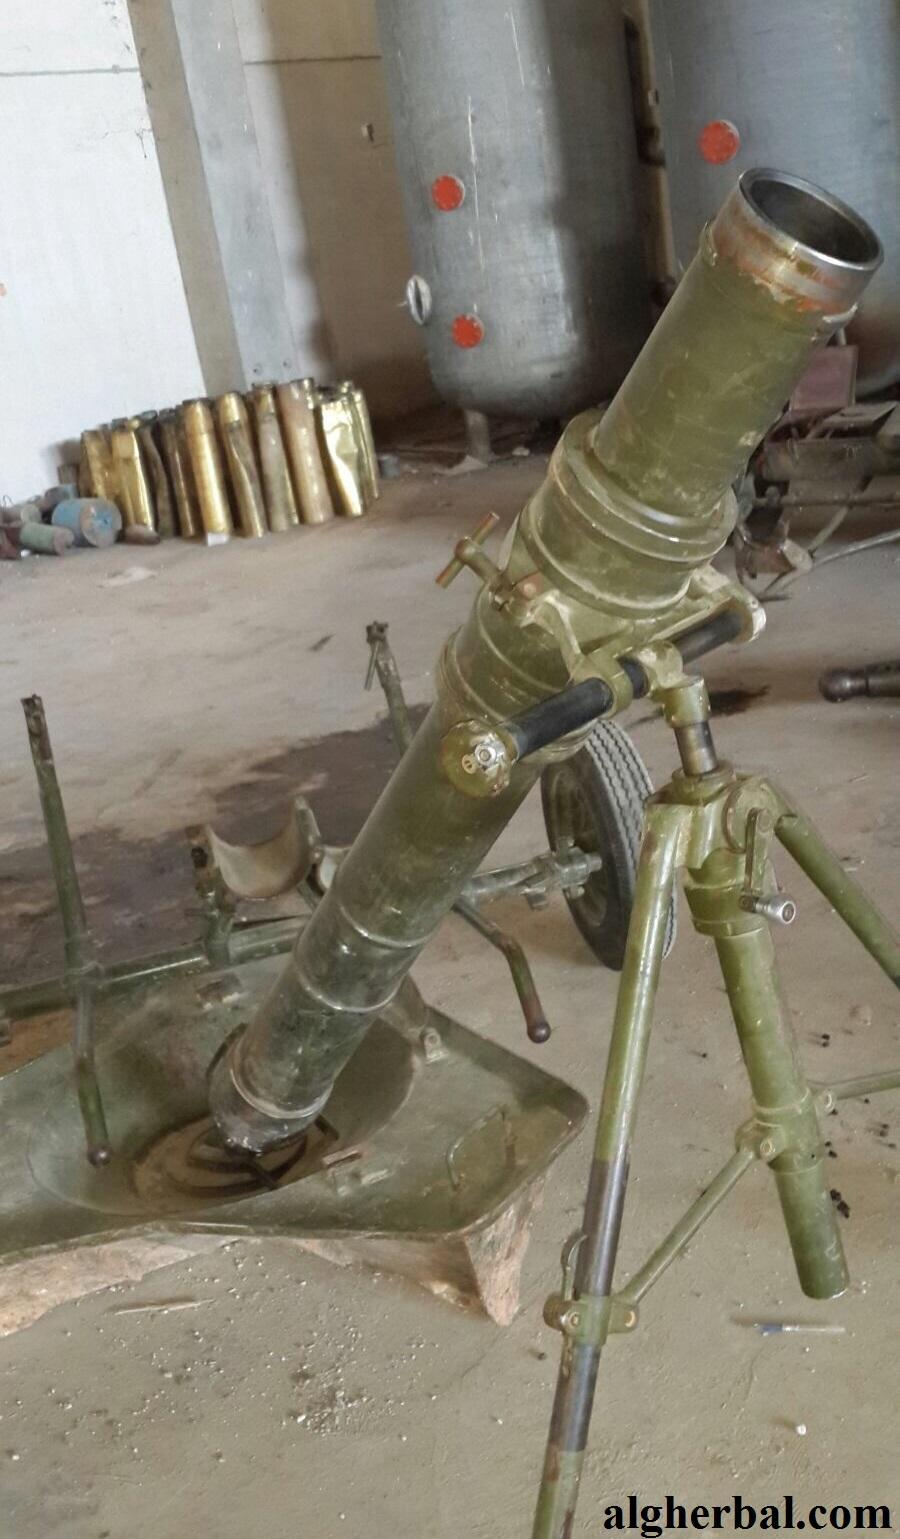 مدافع الهاون متوفرة بأسواق إدلب بكثافة (عمر صالح عزام الغربال)